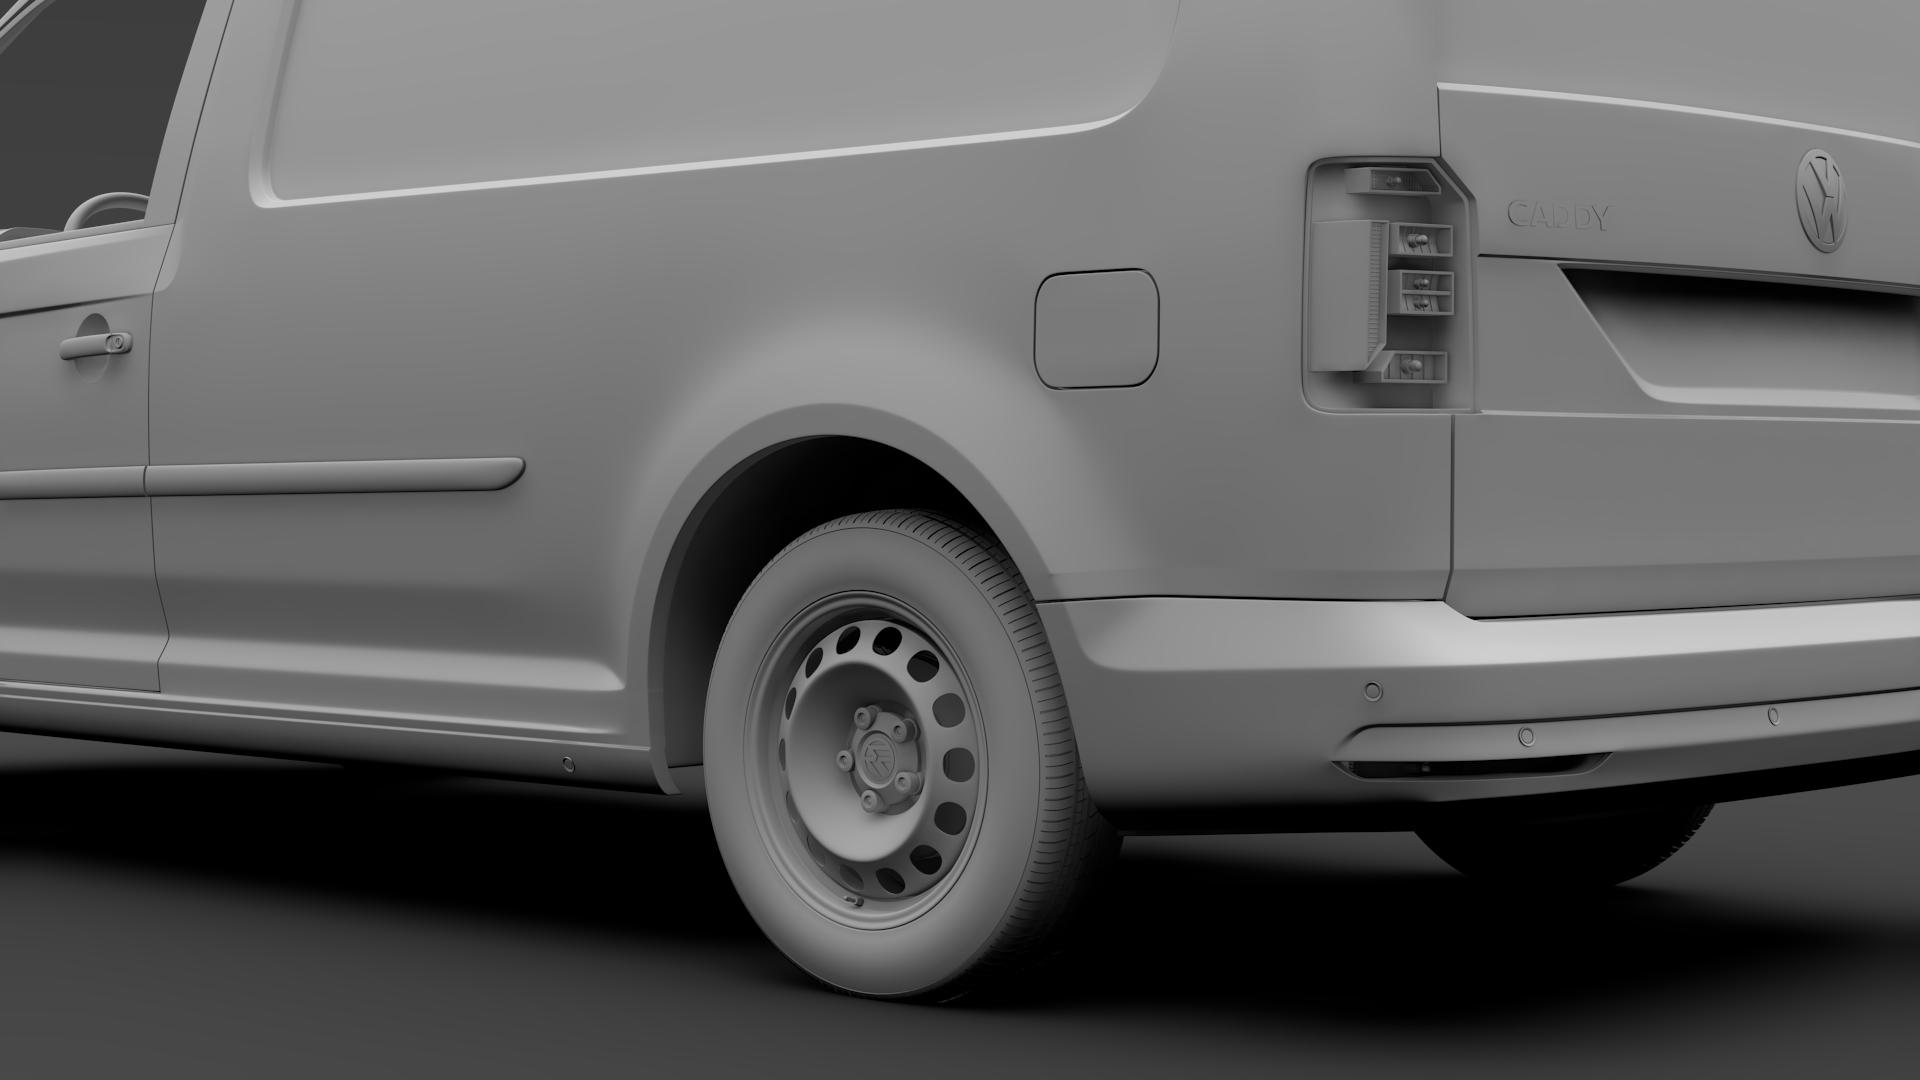 volkswagen caddy panel van l2 2017 3d model max fbx c4d lwo ma mb hrc xsi obj 274613